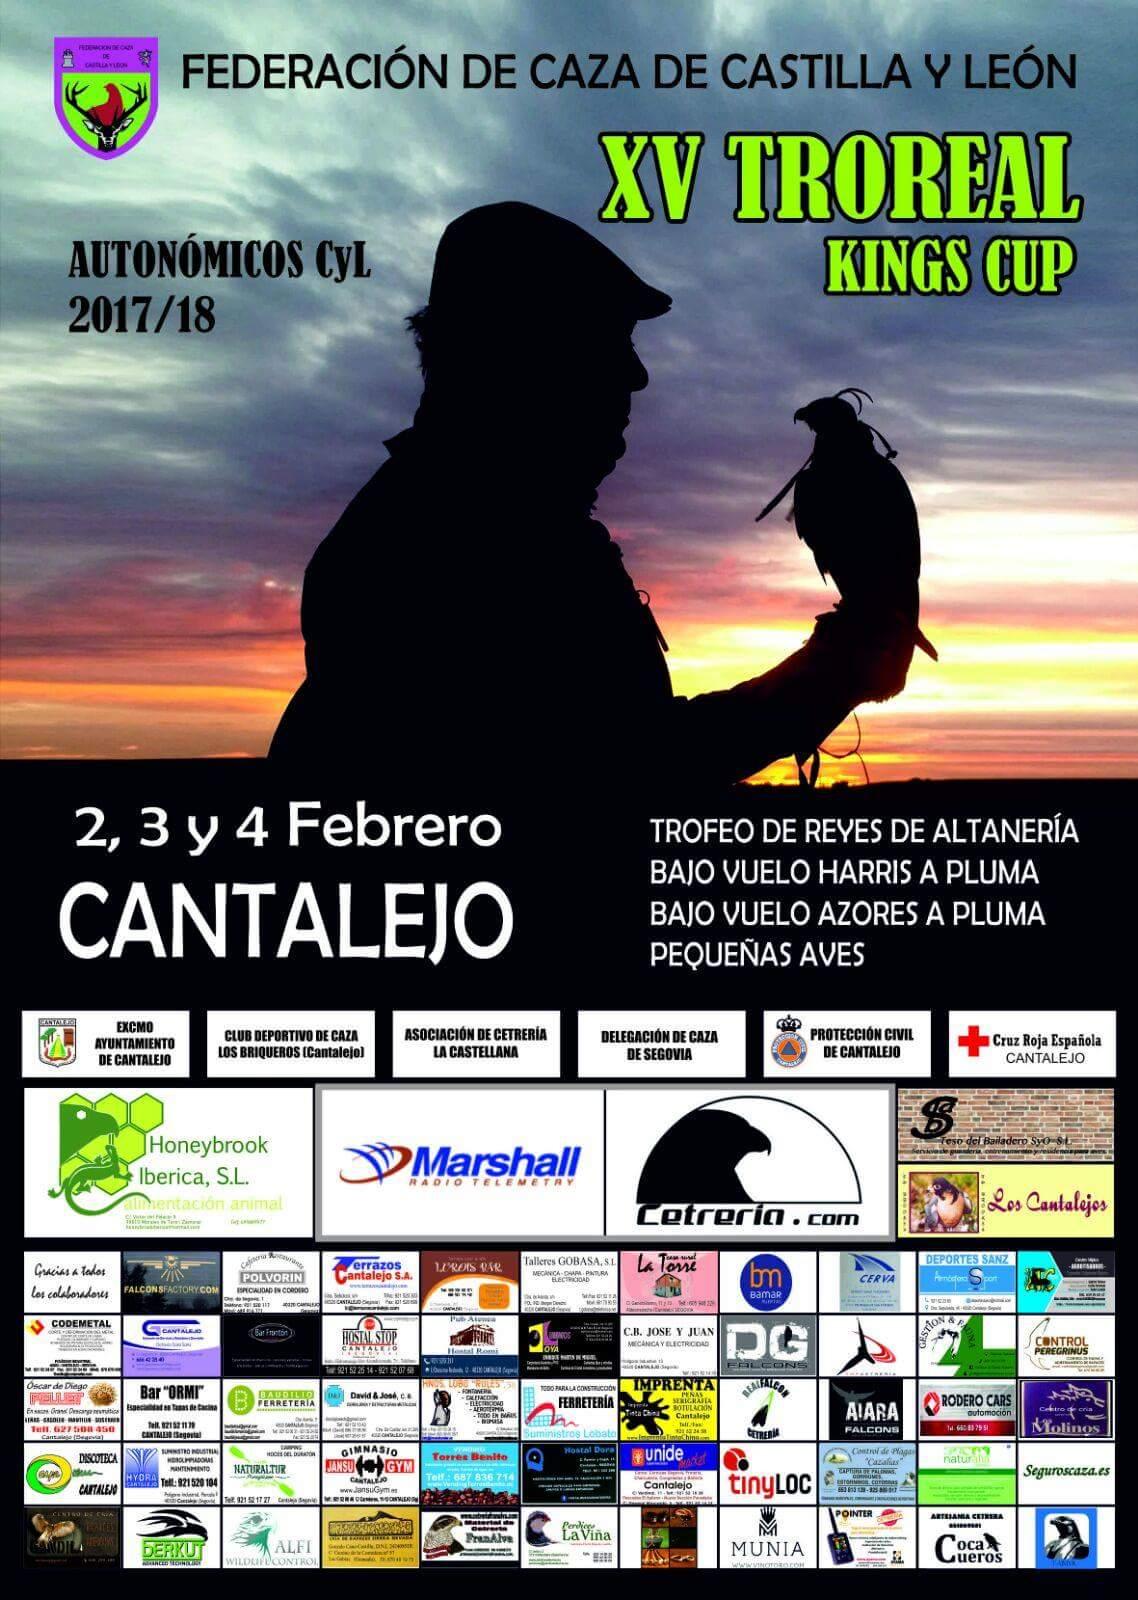 XV Troreal Kings Cup. Autonómicos Castilla y Léon. Cantalejo Febrero 2018. Cetrería.